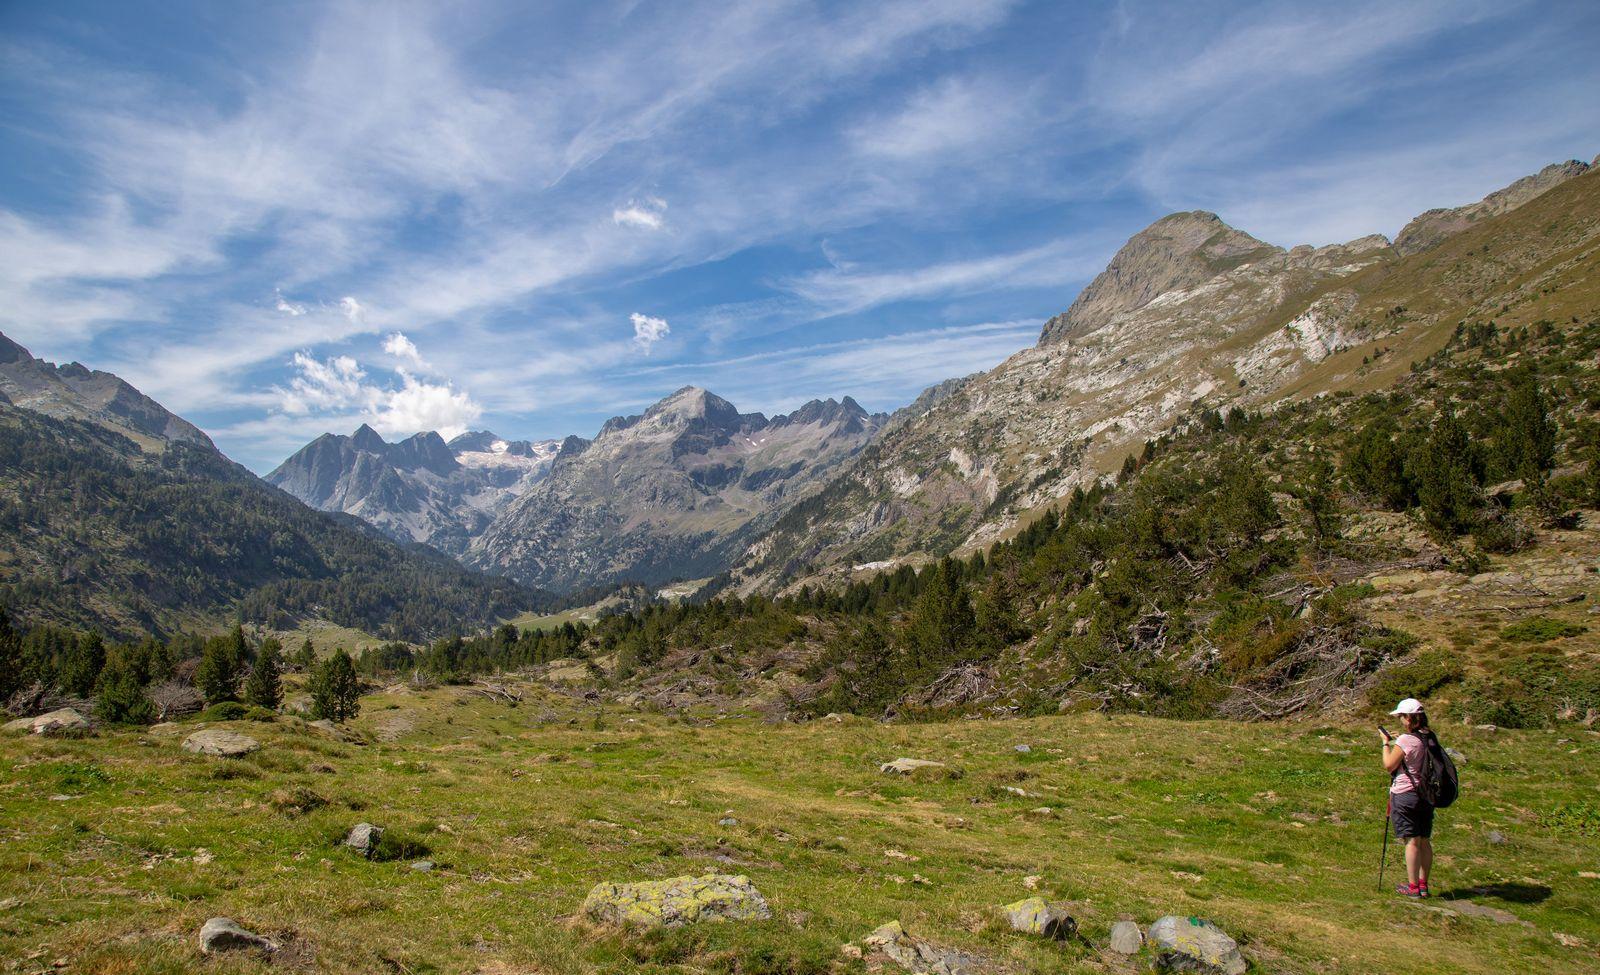 Las vistas al valle dando la espalda al ibón